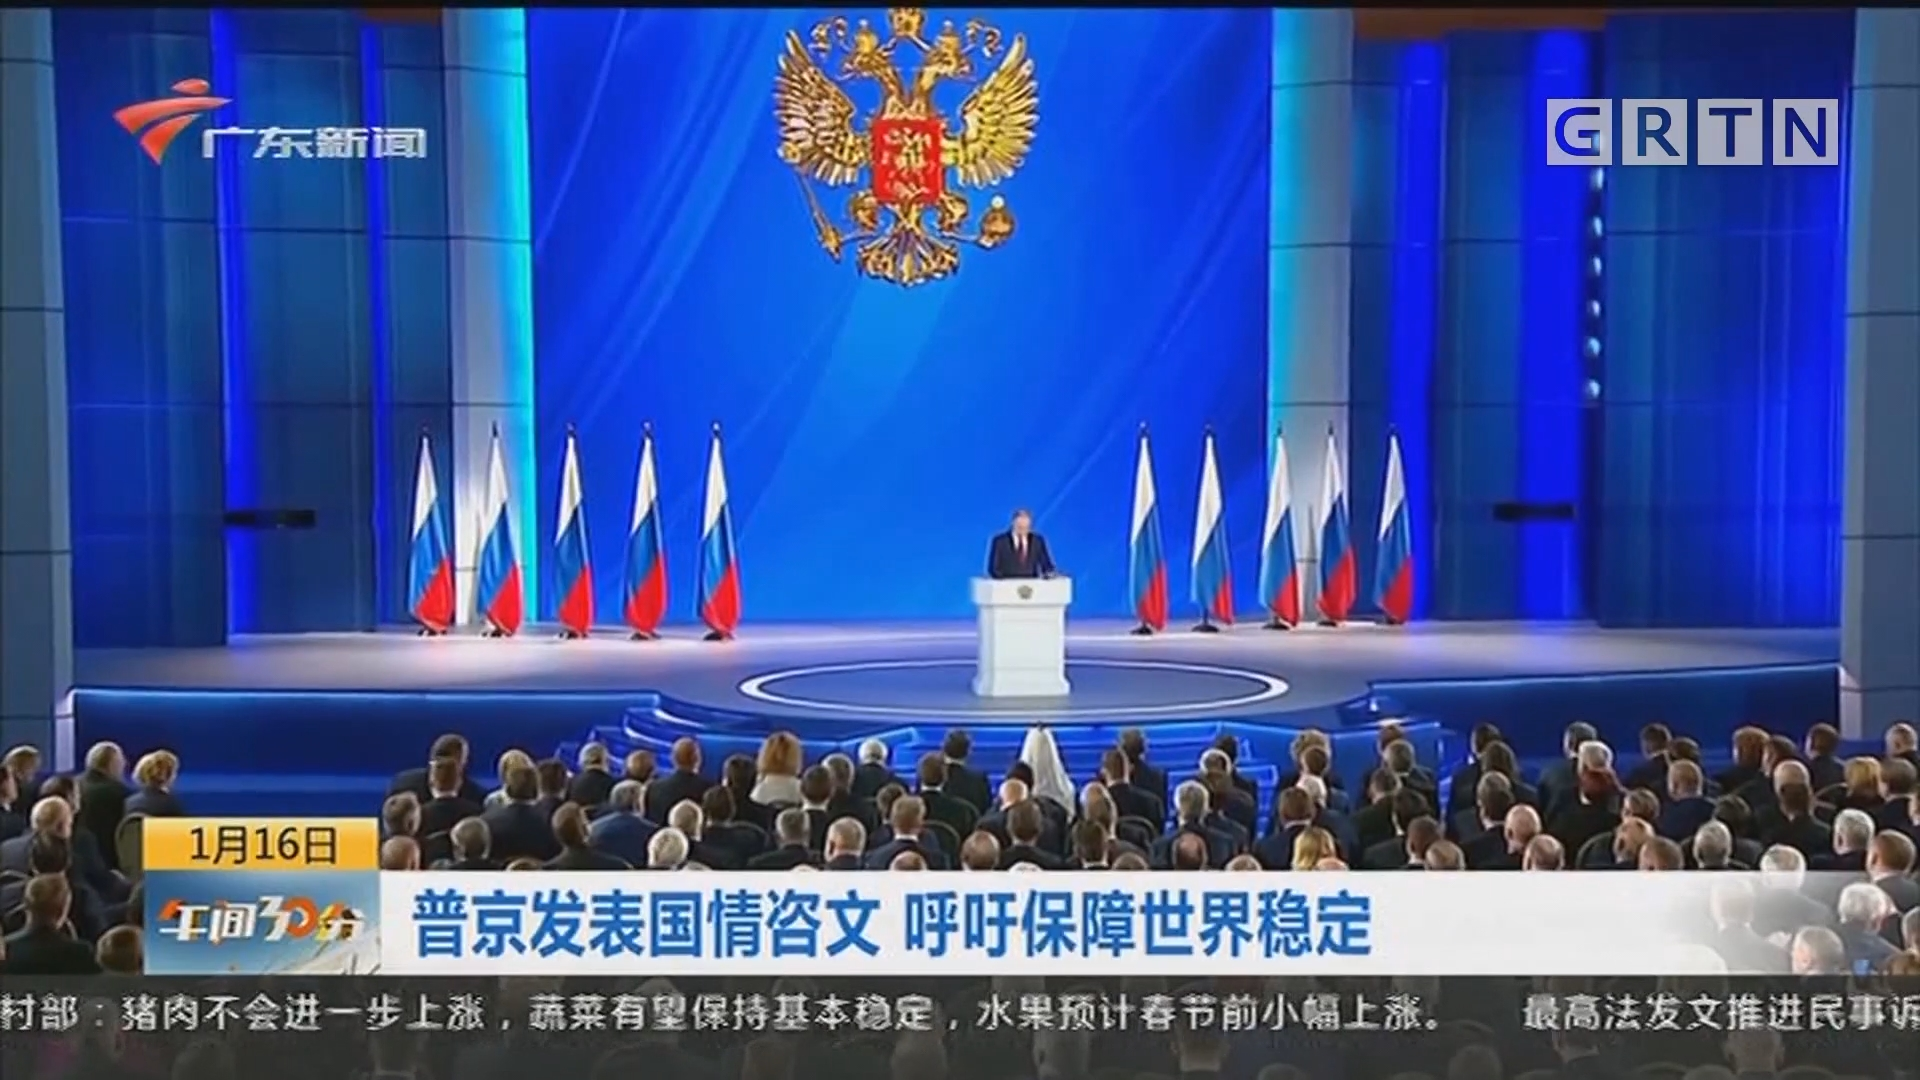 普京发表国情咨文 呼吁保障世界稳定